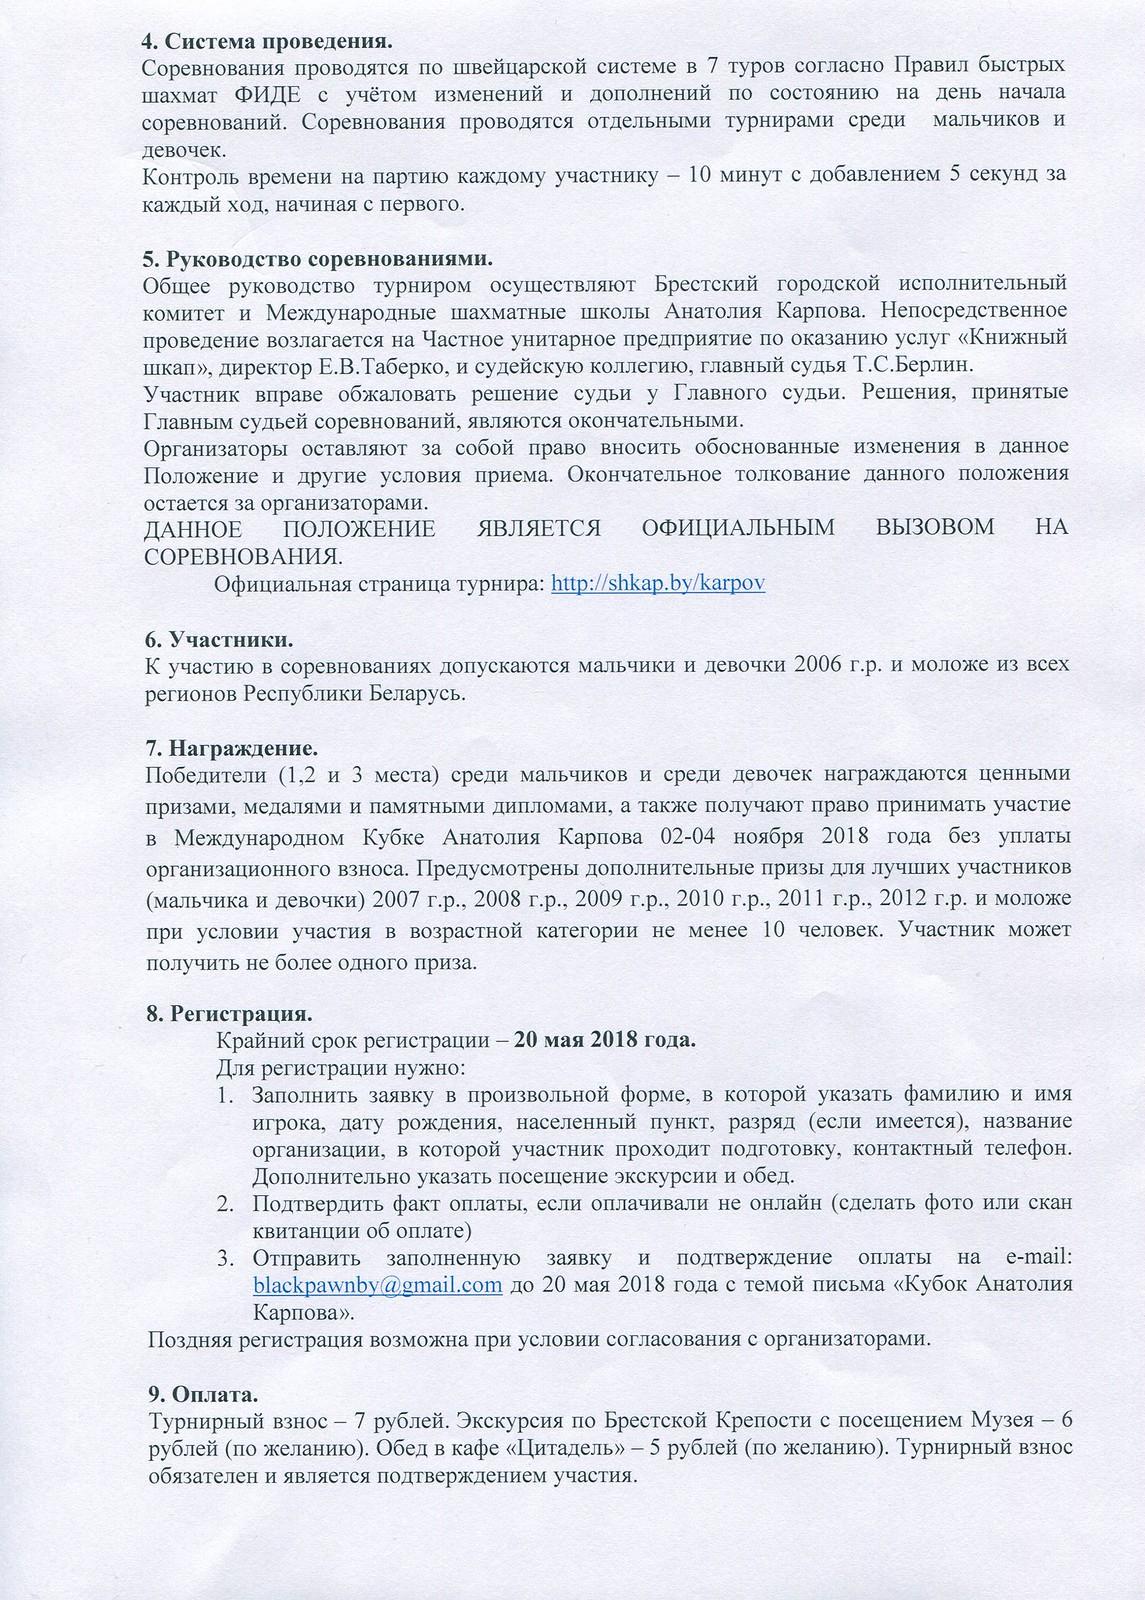 Карпов 2